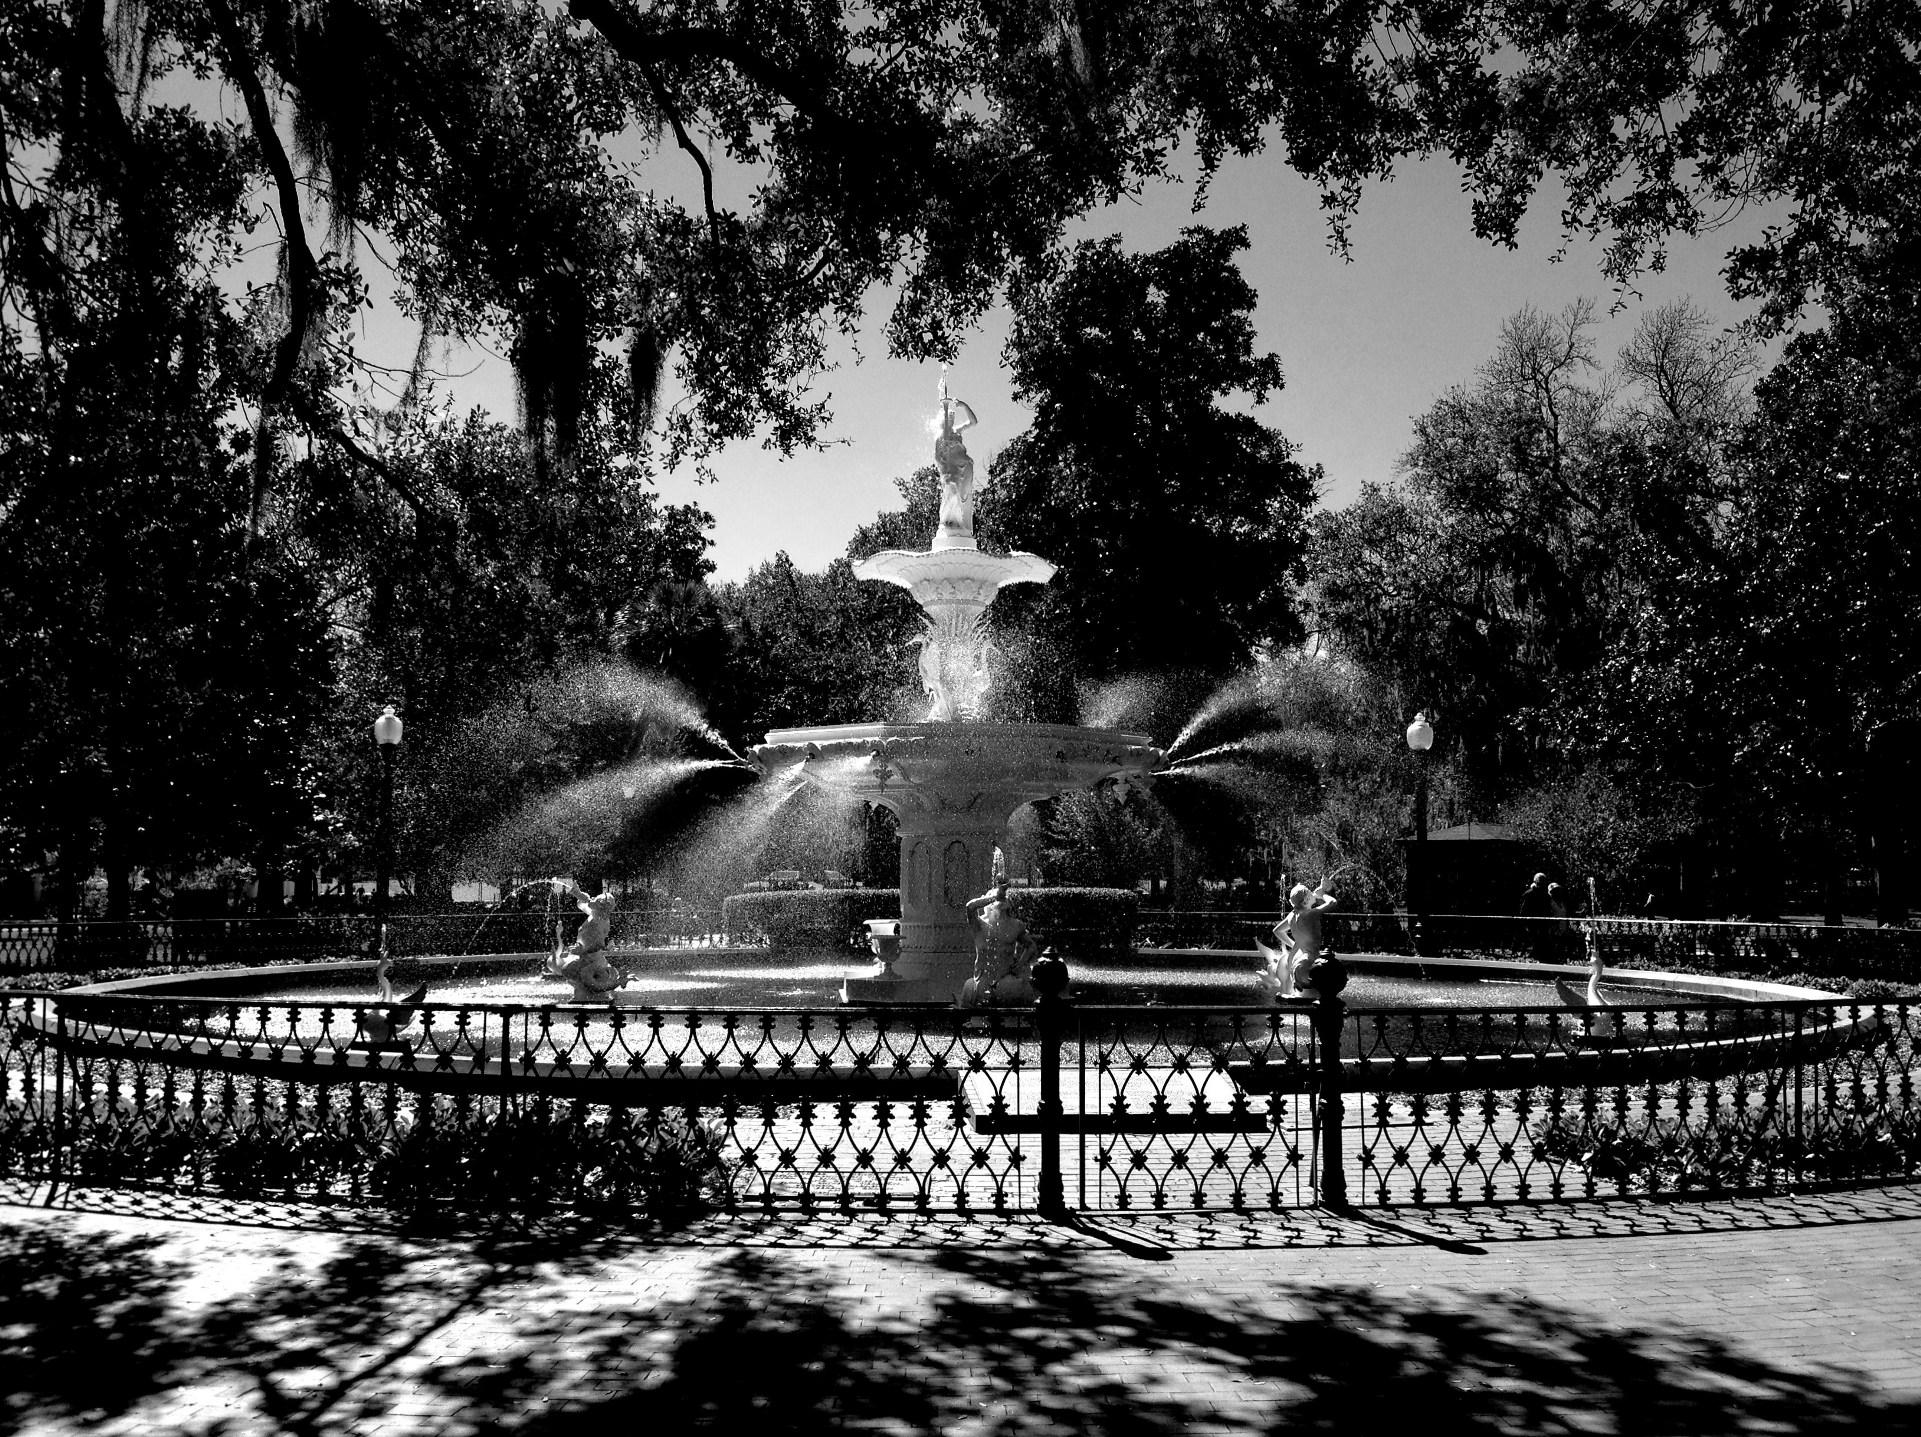 forsyth park etsy